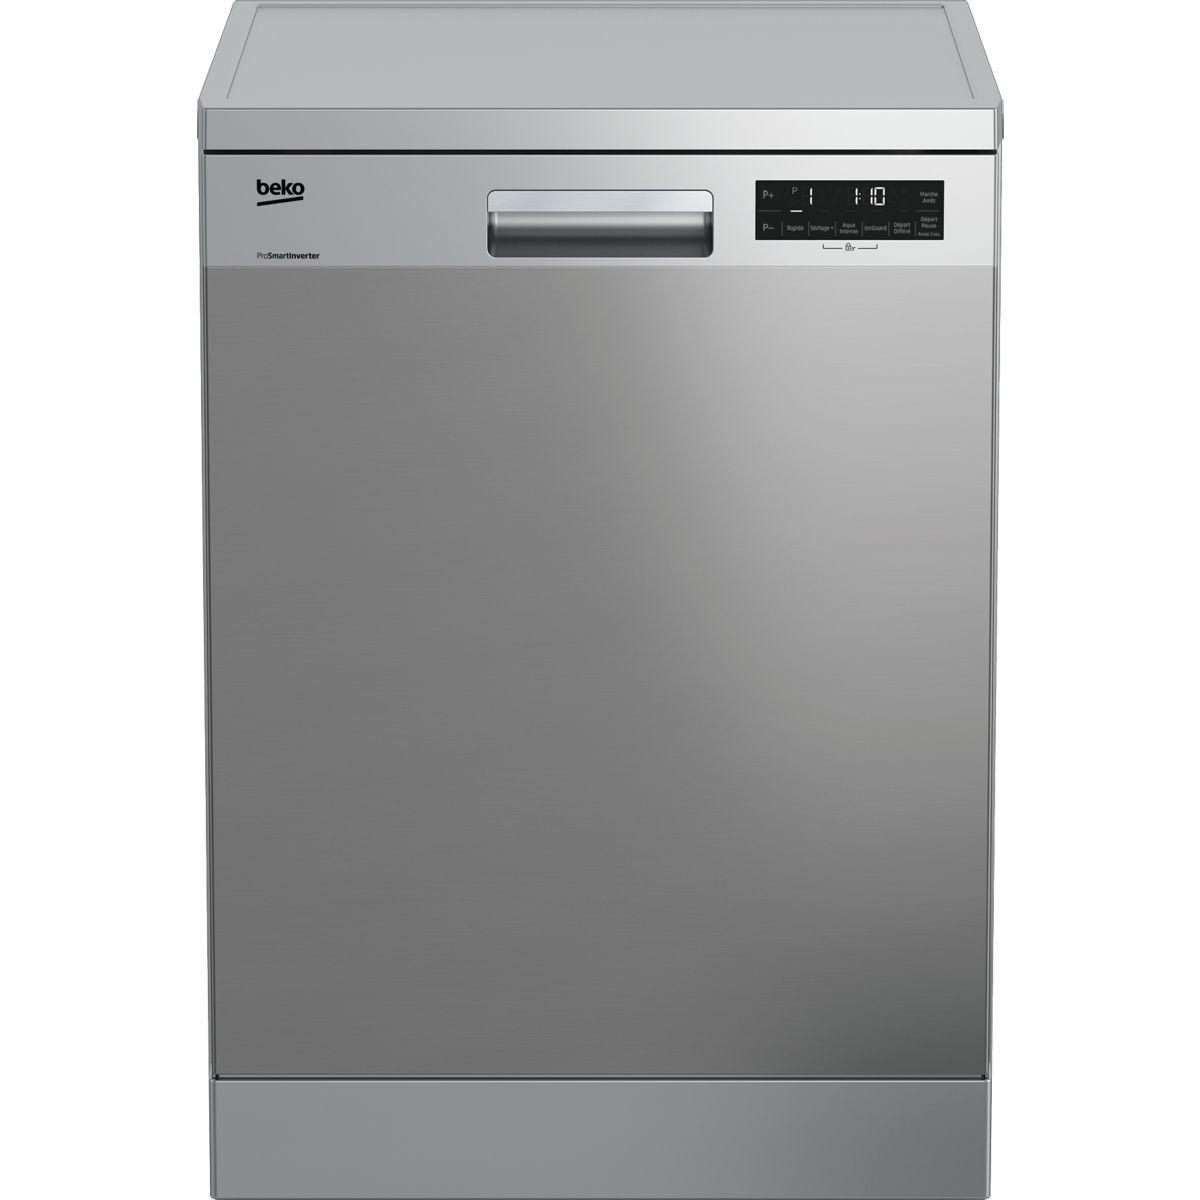 Lave vaisselle 60 cm beko dfn39432x - 20% de remise imm�diate avec le code : gam20